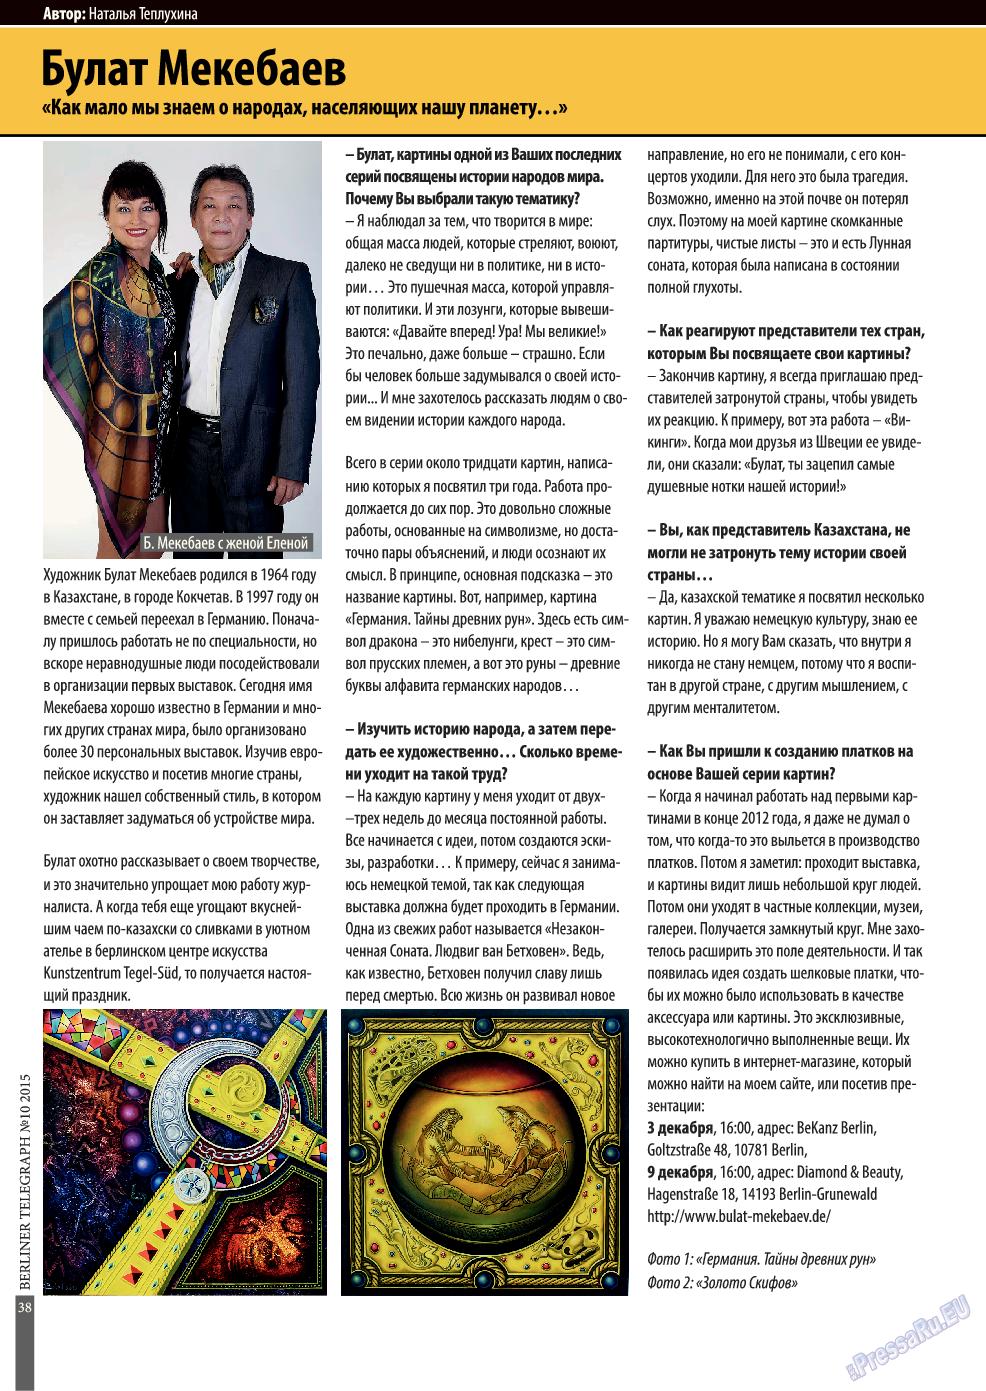 Берлинский телеграф (журнал). 2015 год, номер 11, стр. 38